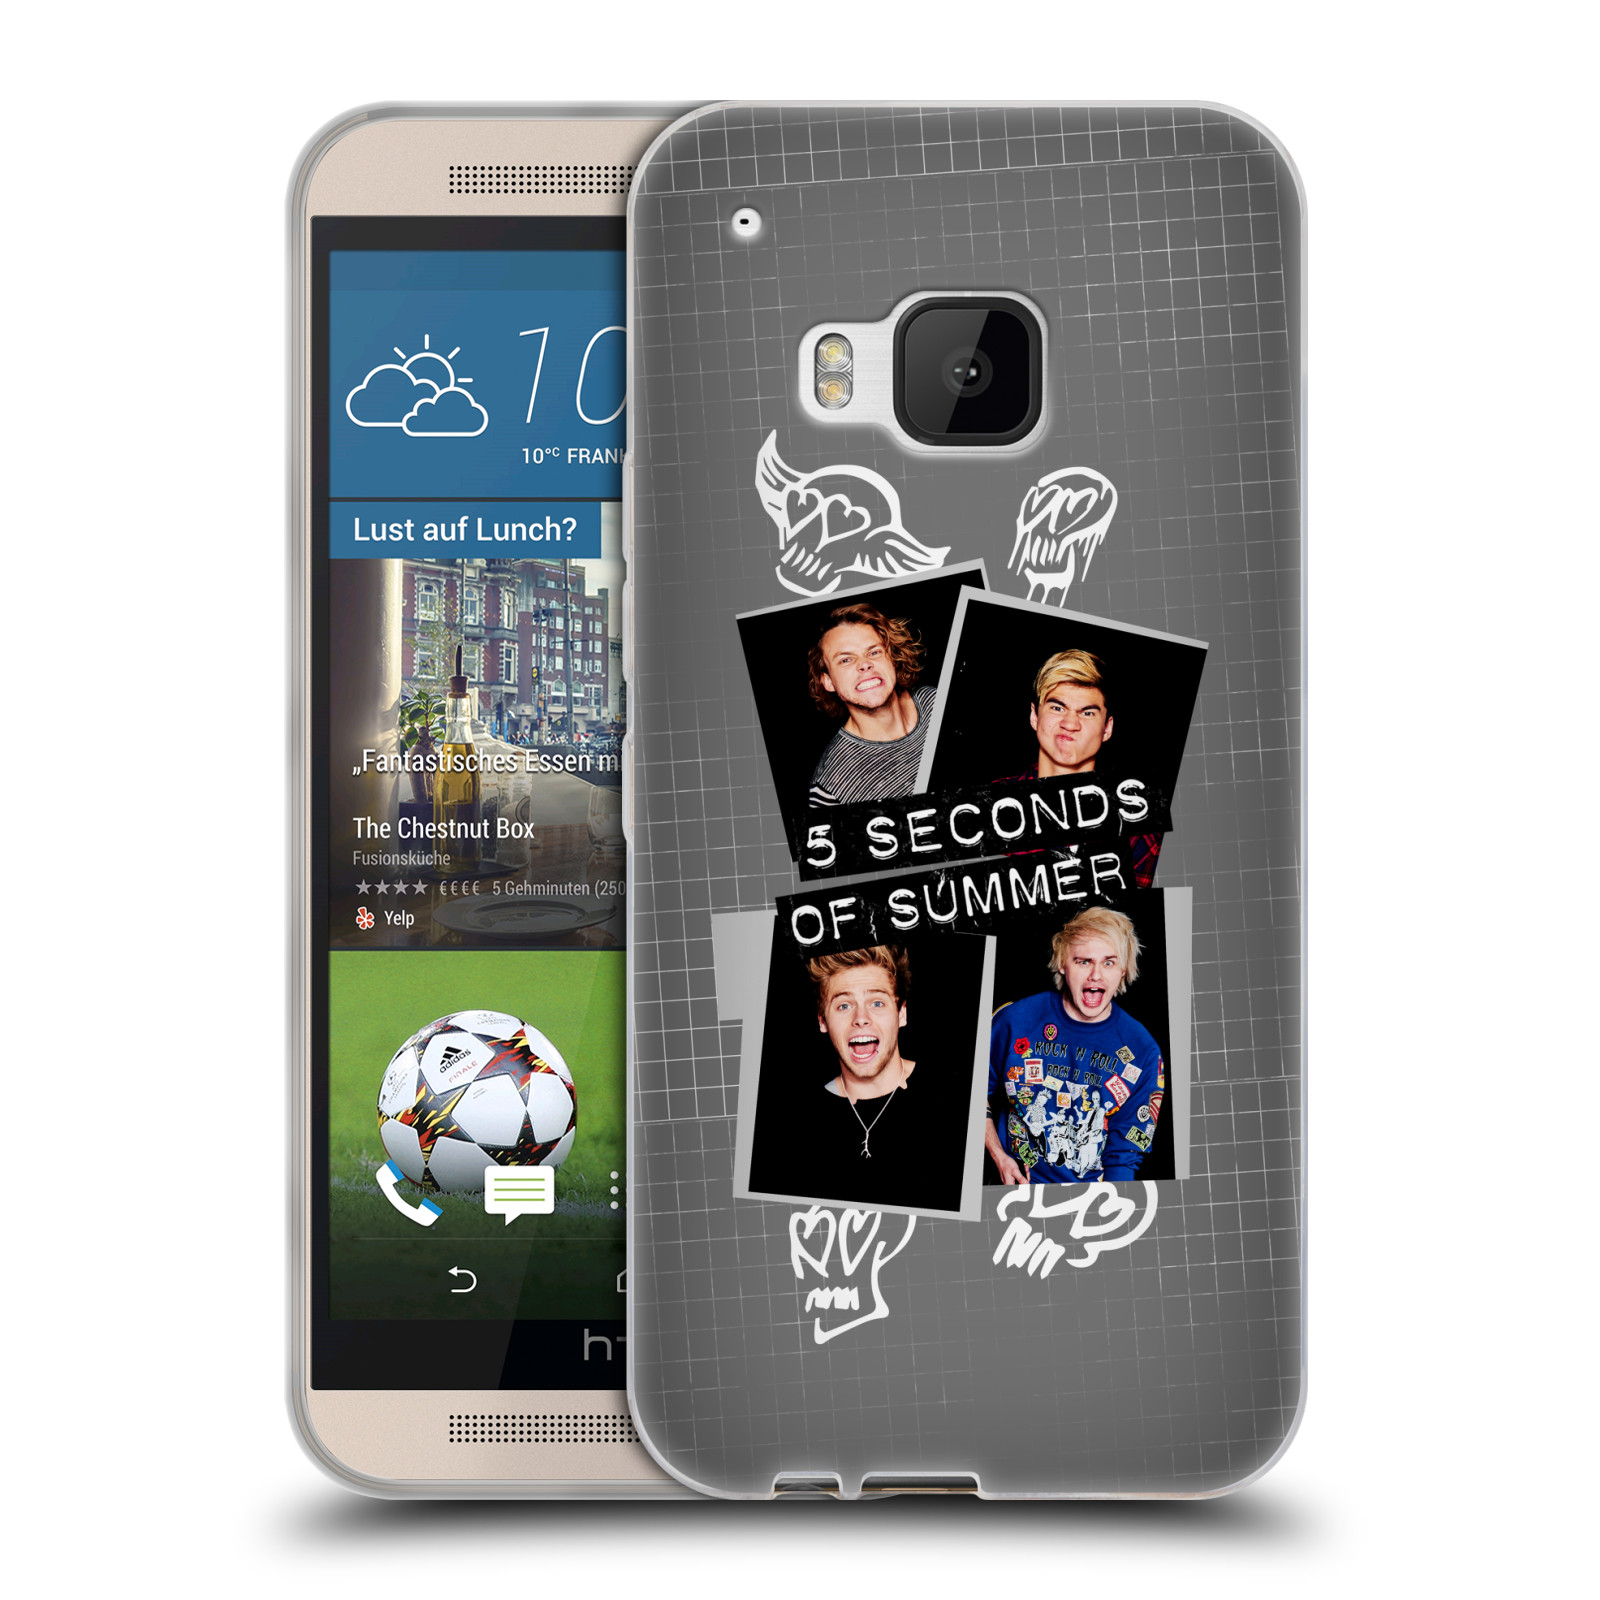 Silikonové pouzdro na mobil HTC ONE M9 HEAD CASE 5 Seconds of Summer - Band Grey (Silikonový kryt či obal na mobilní telefon licencovaným motivem 5 Seconds of Summer pro HTC ONE M9)